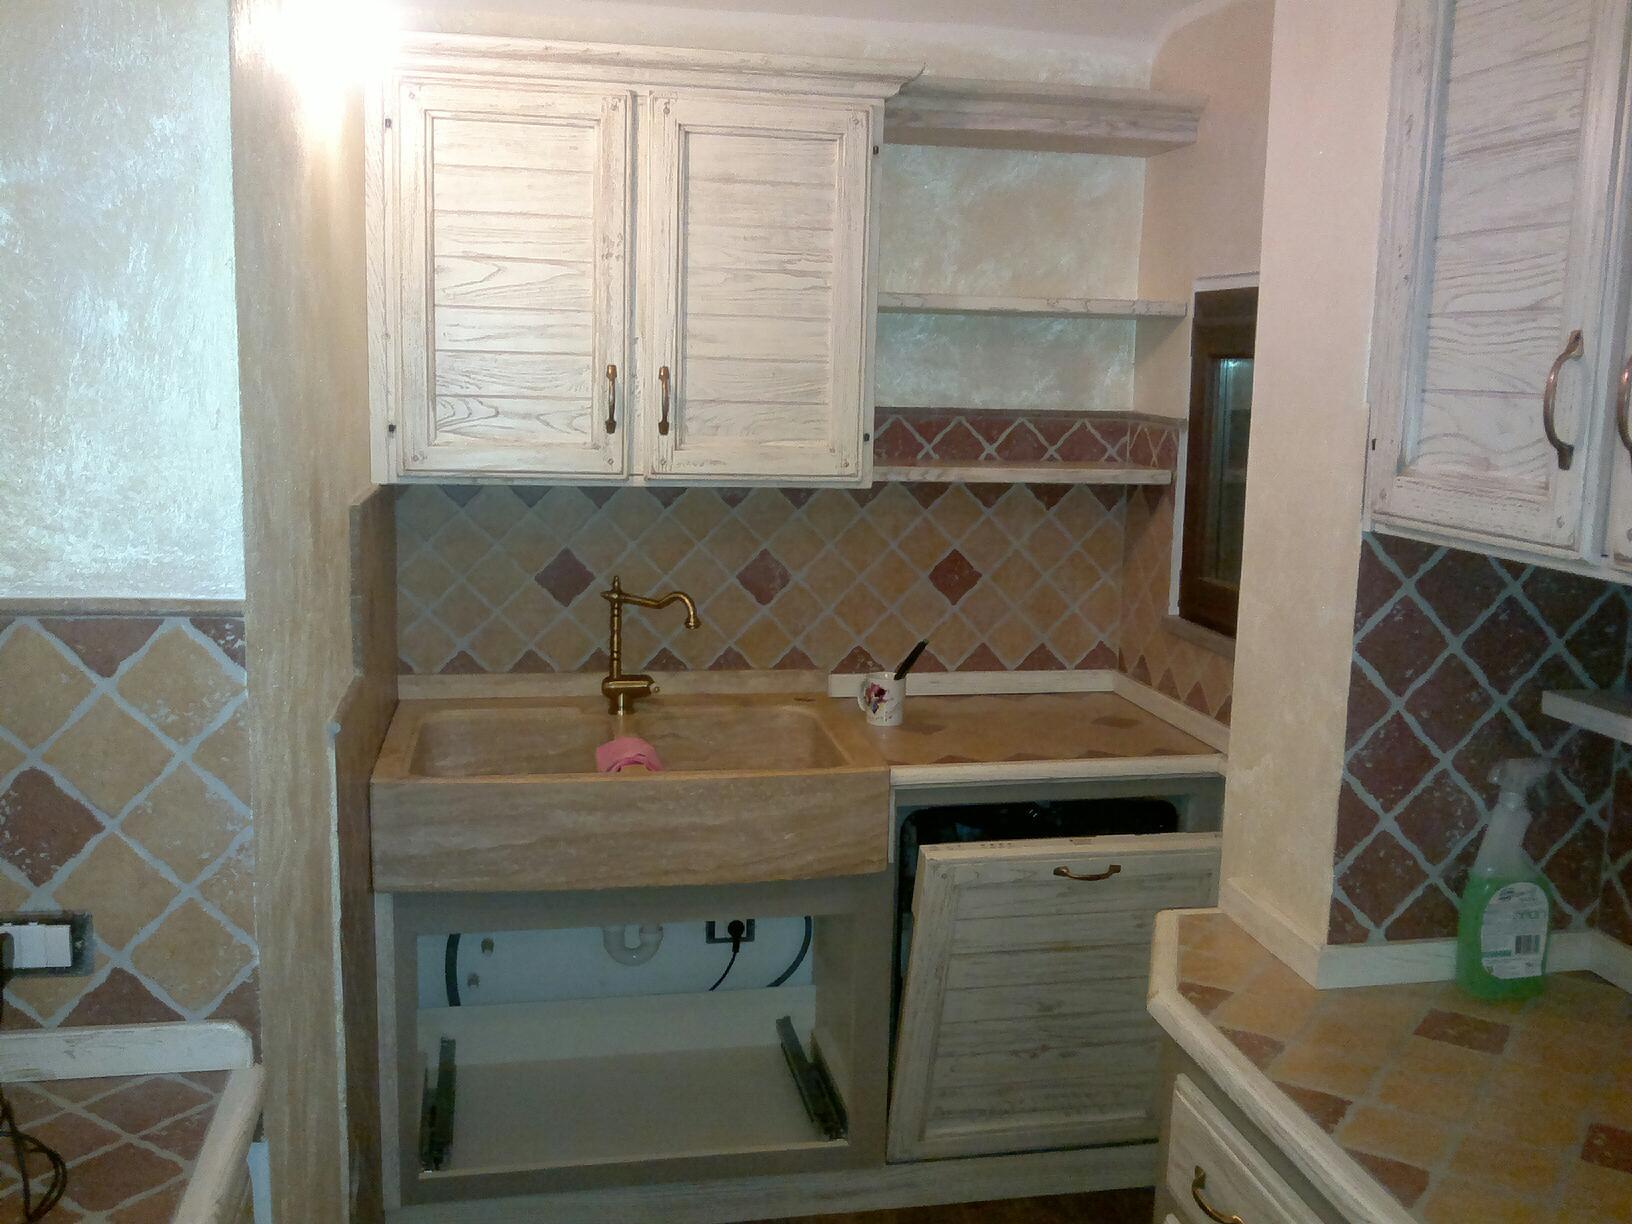 Lavandino lavello acquaio in travertino cucina taverna ebay - Lavandini in marmo per cucina ...